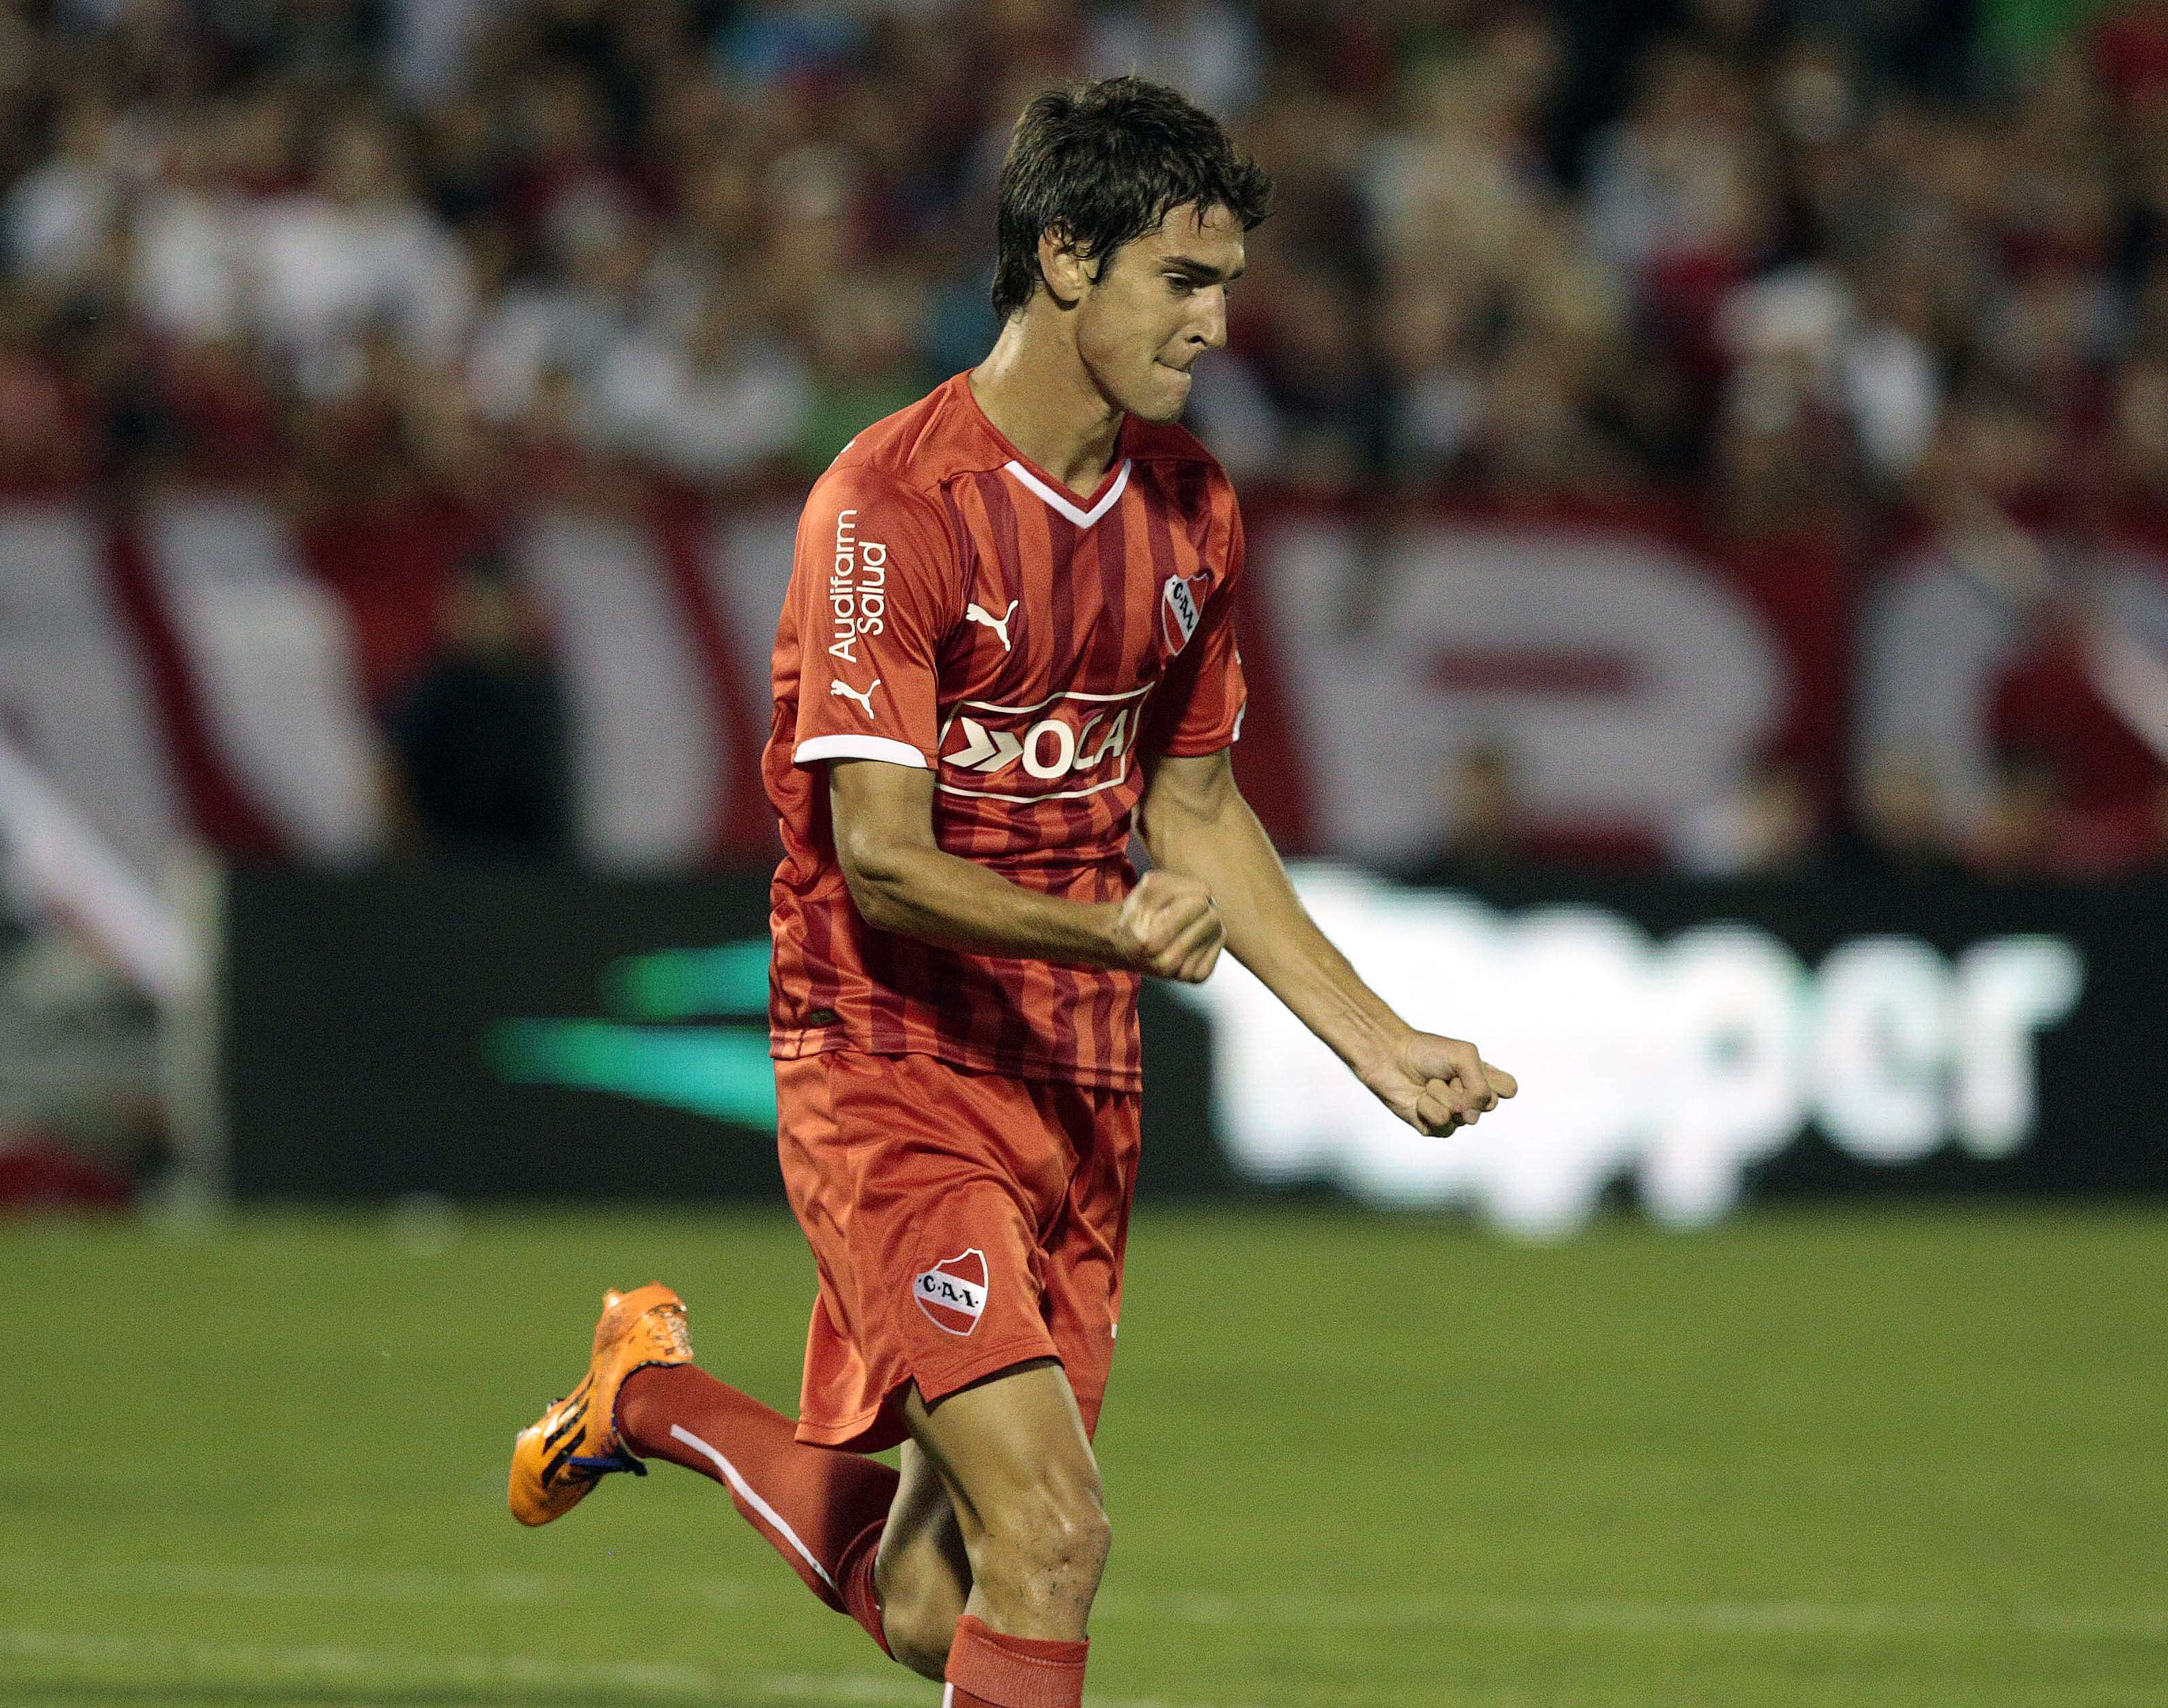 Albertengo le dio la ventaja final a Independiente en un contragolpe letal. Foto: NA